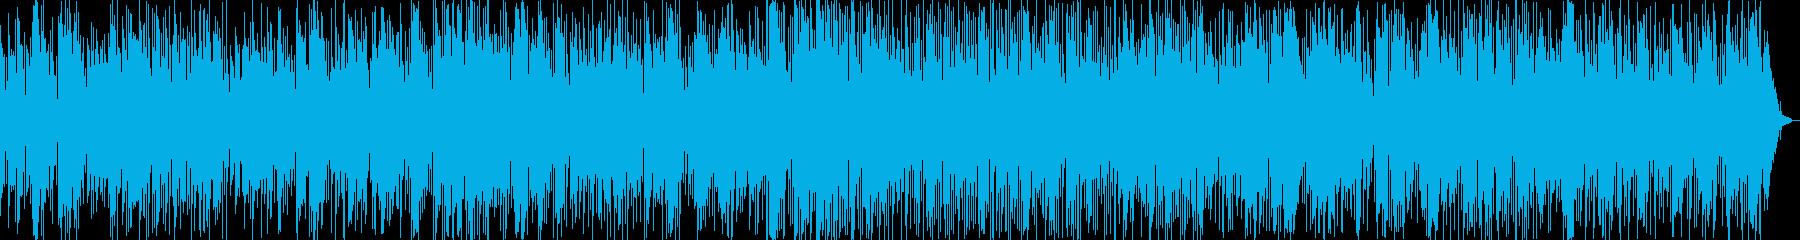 トランペットのゆったりジャズバラードの再生済みの波形